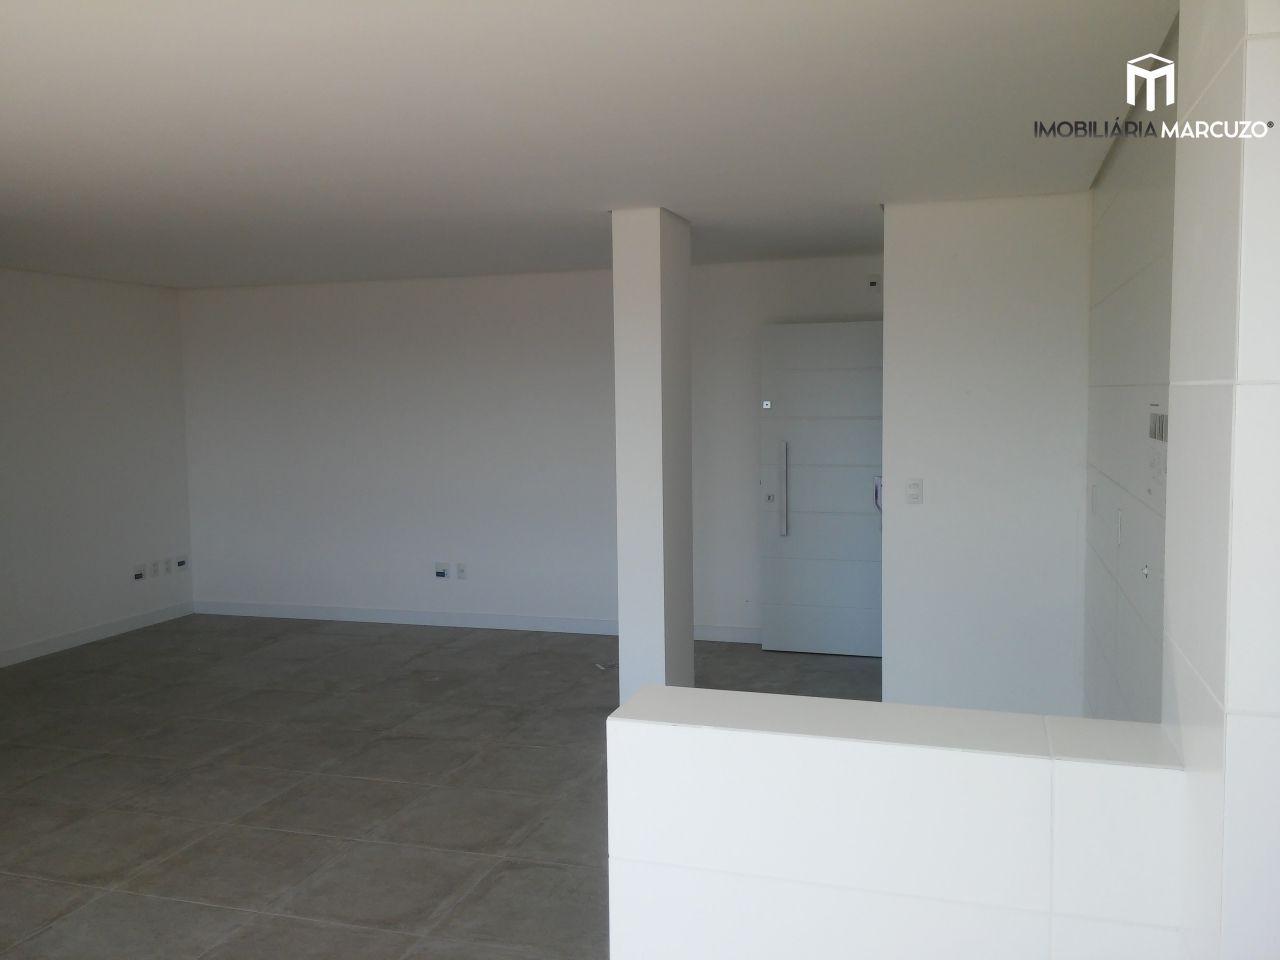 Apartamento com 2 Dormitórios à venda, 85 m² por R$ 565.708,00